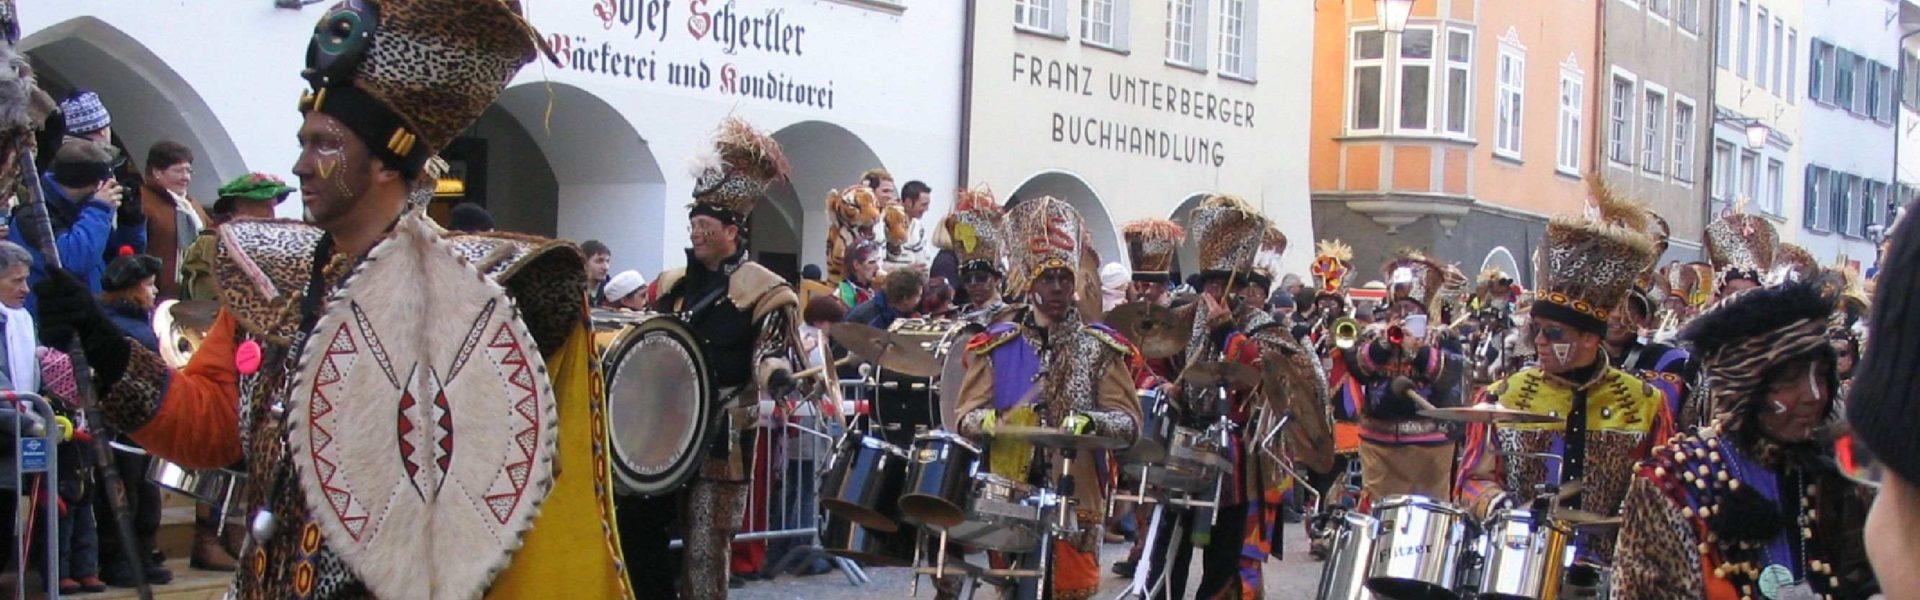 Faschingsumzug Feldkirch, Innenstadt (c) Feldkirch Tourismus